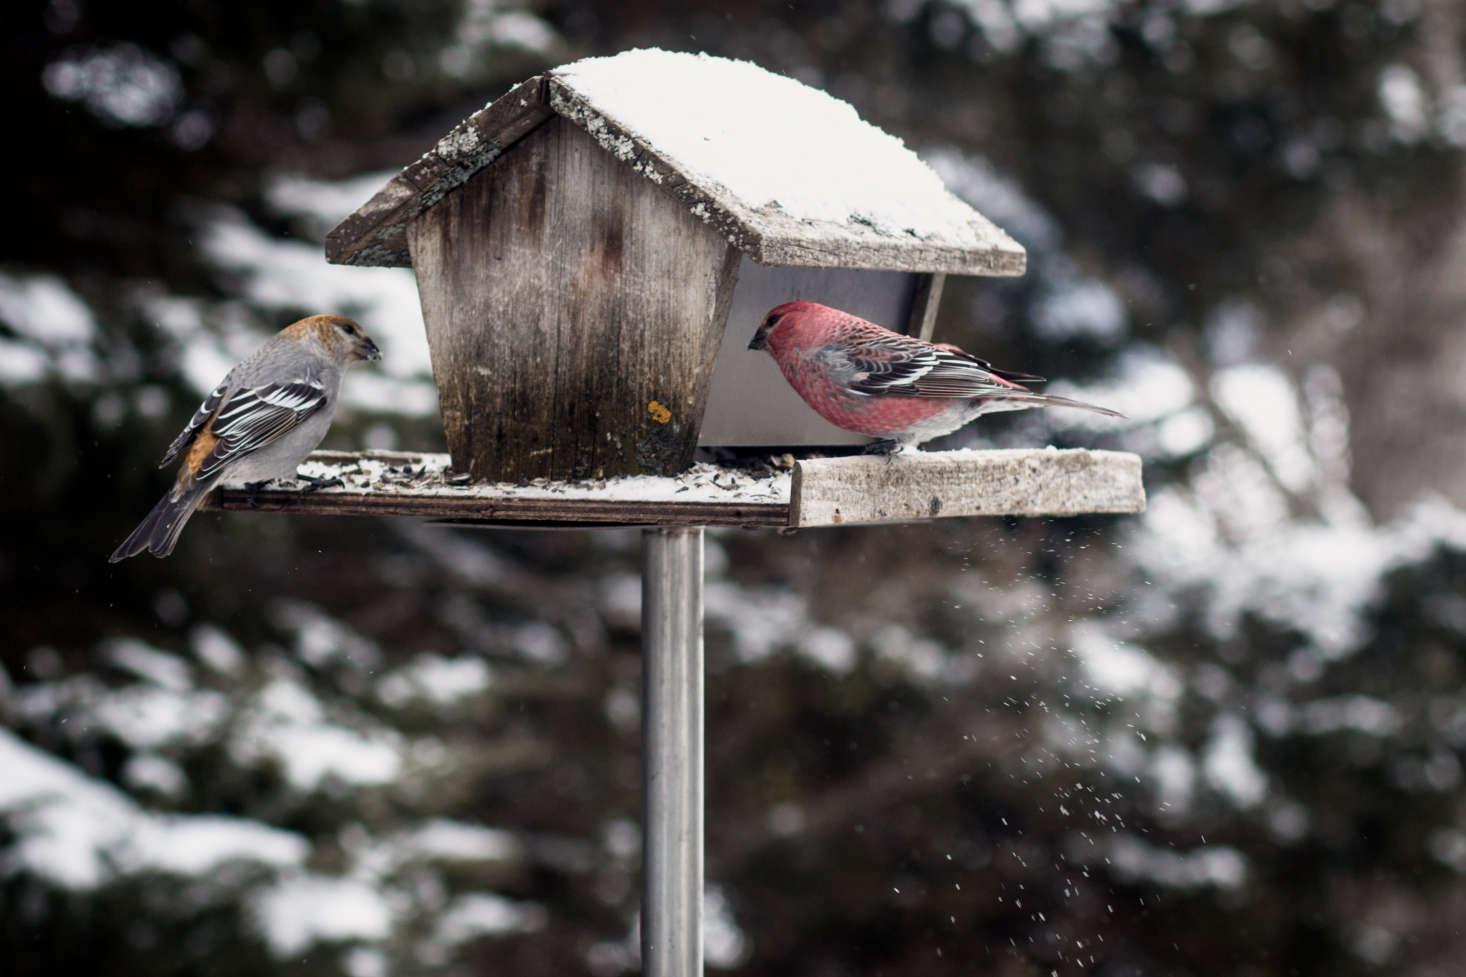 在鸟的鸟上有一只鸟。来自沙伦·卡莫斯的照片。